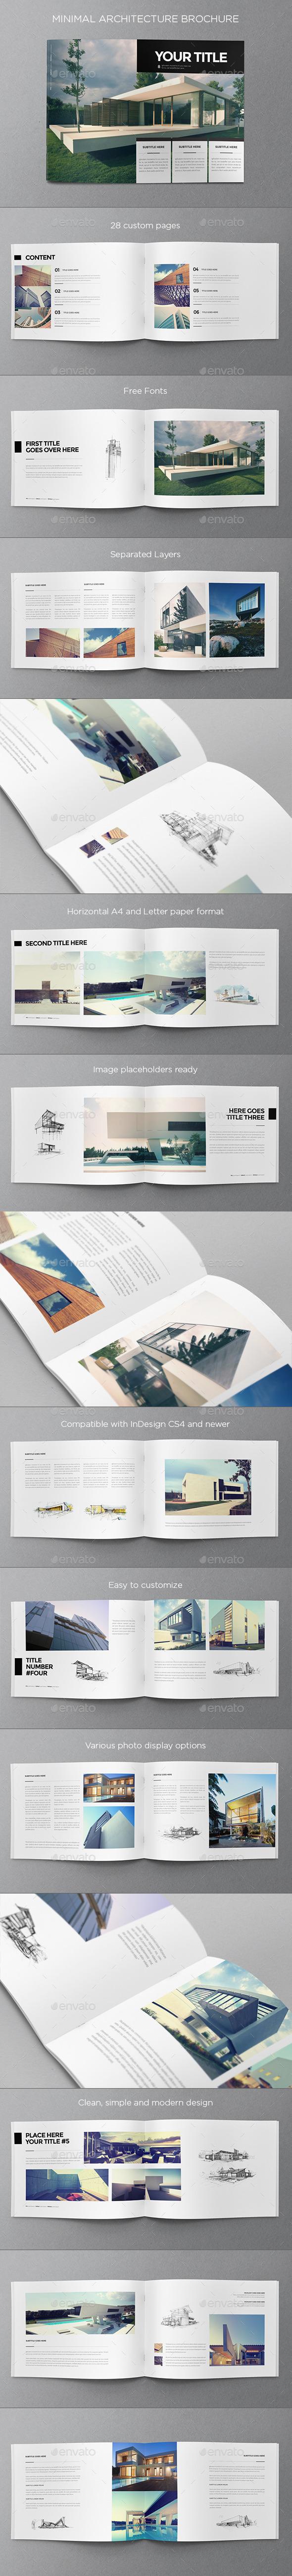 GraphicRiver Minimal Architecture Brochure 9936143